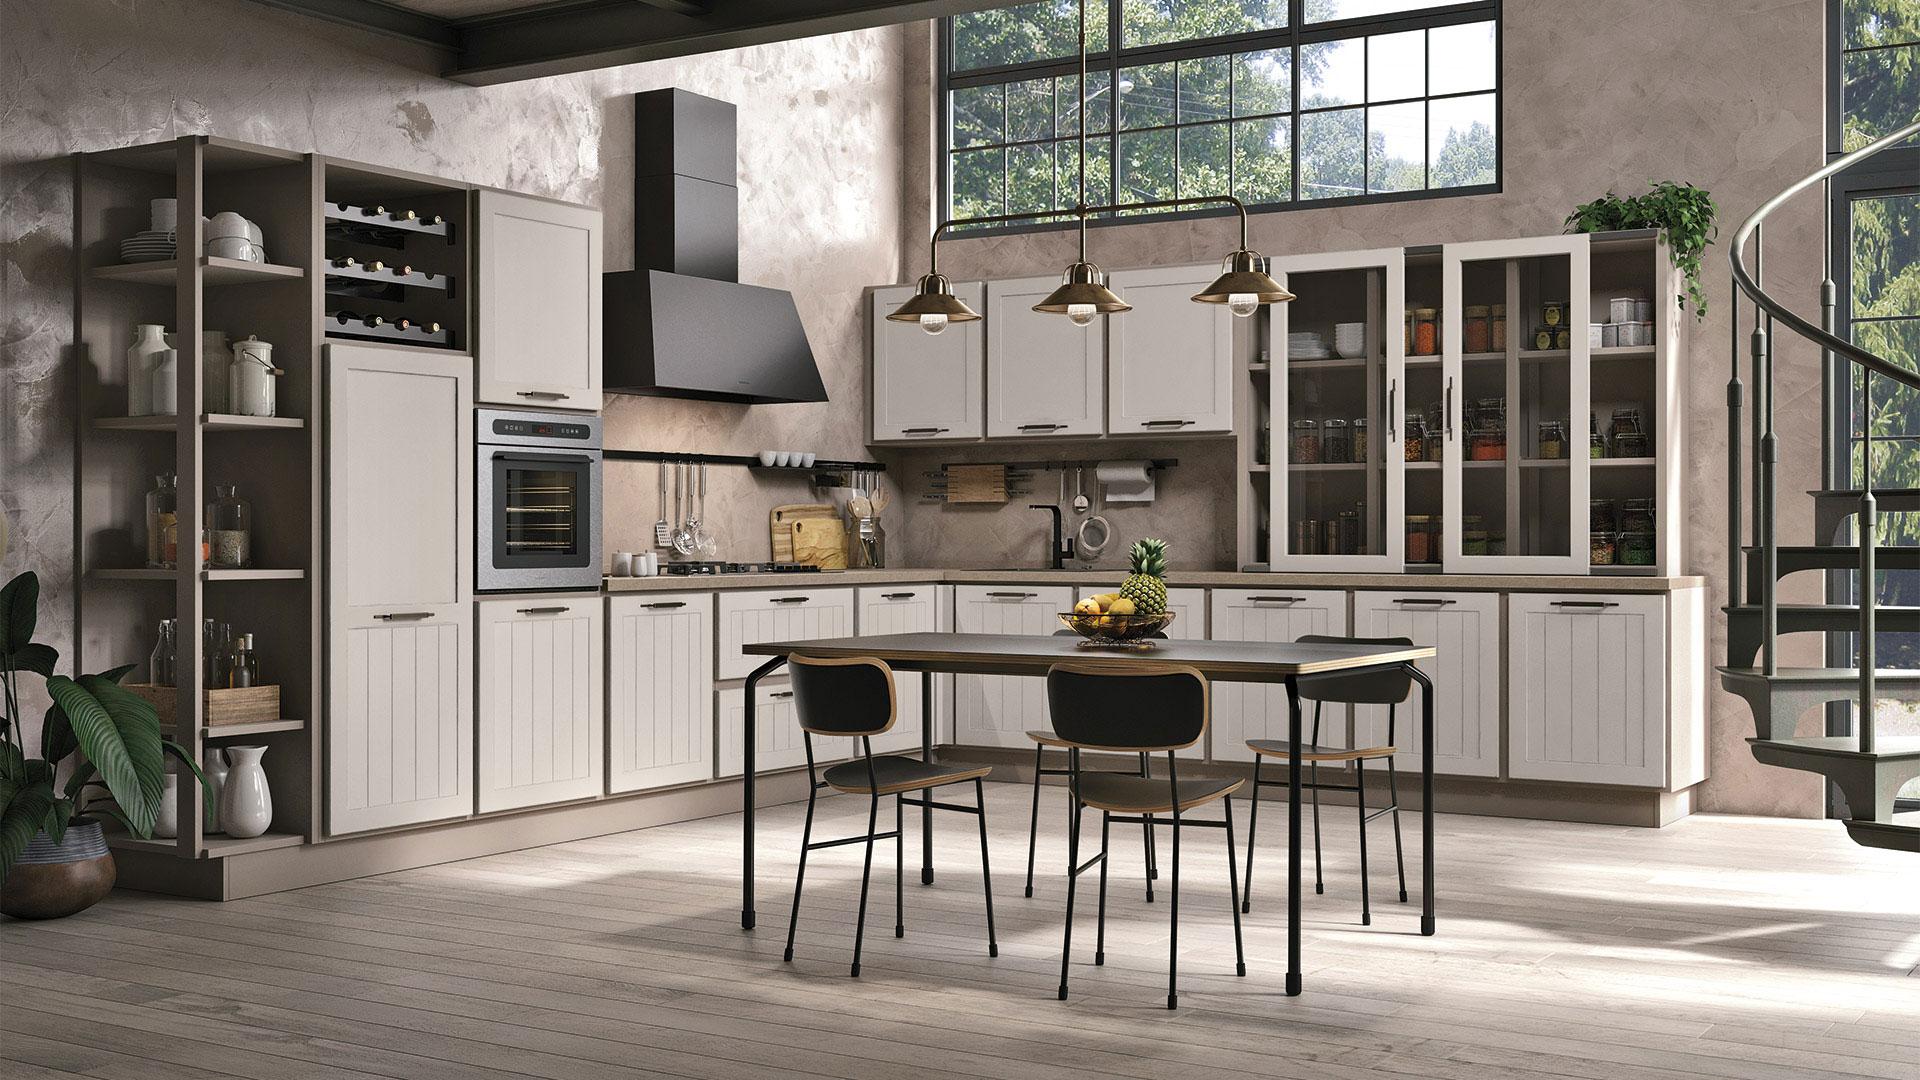 Cucine Provenzali Moderne.Provenza Cucine Borgo Antico Cucine Lube